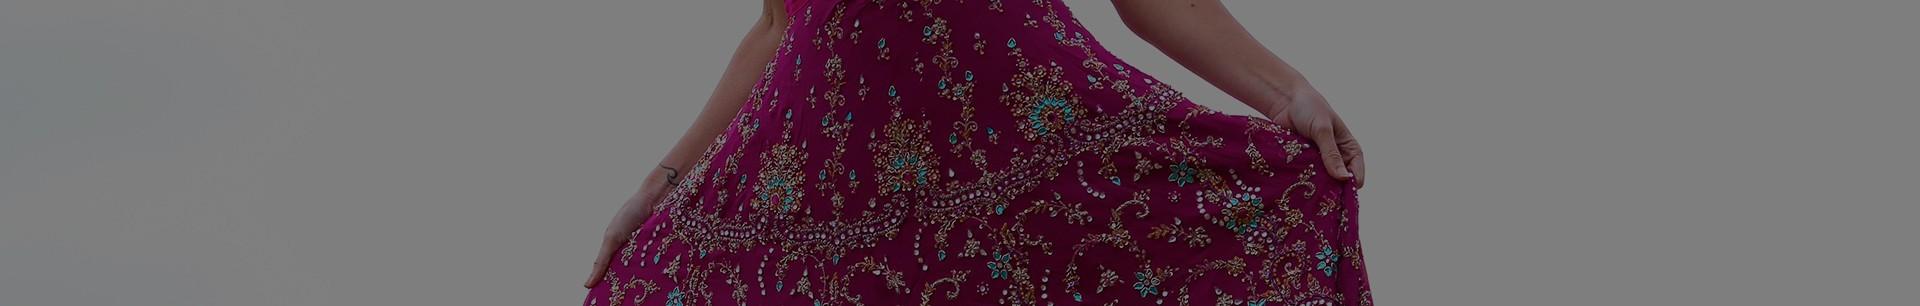 Faldas vintage bordadas de novia india | Lakshmi Soul